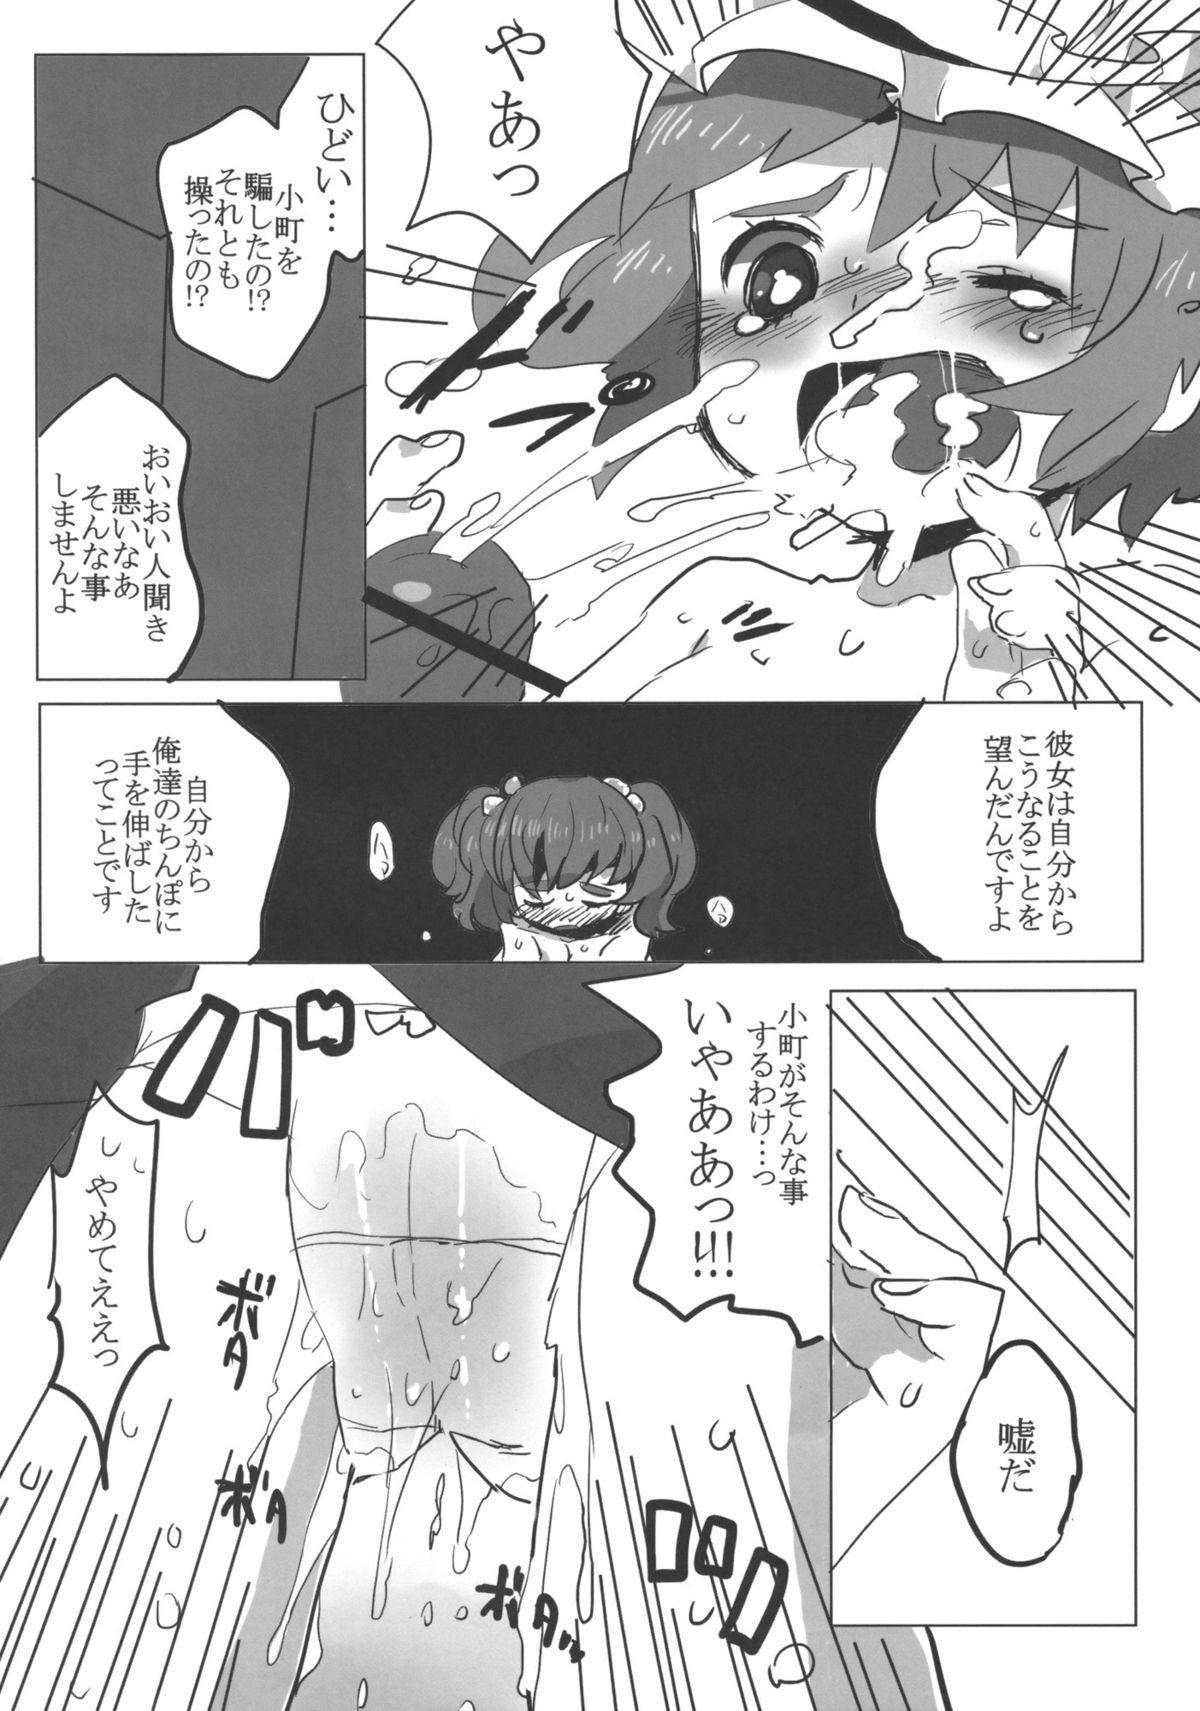 Furubokko Eiki-sama 6